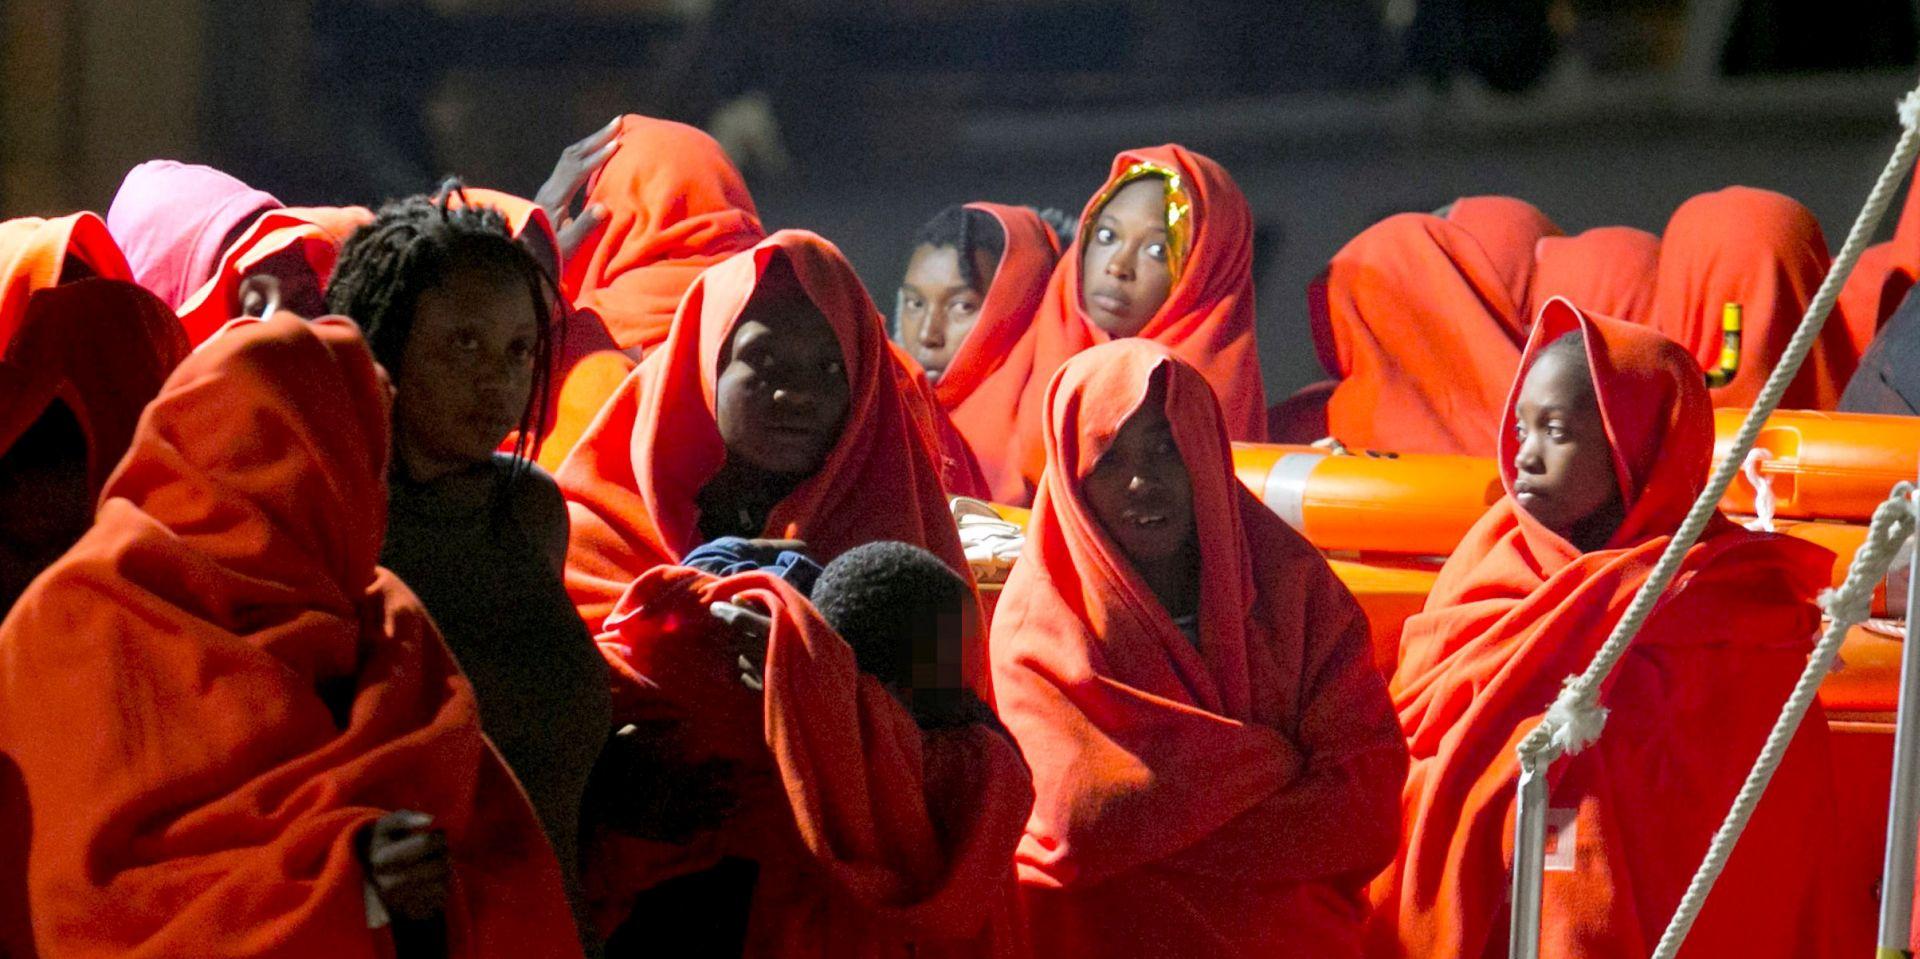 Njemačka brani UN-ov sporazum o migracijama, Poljska kani istupiti